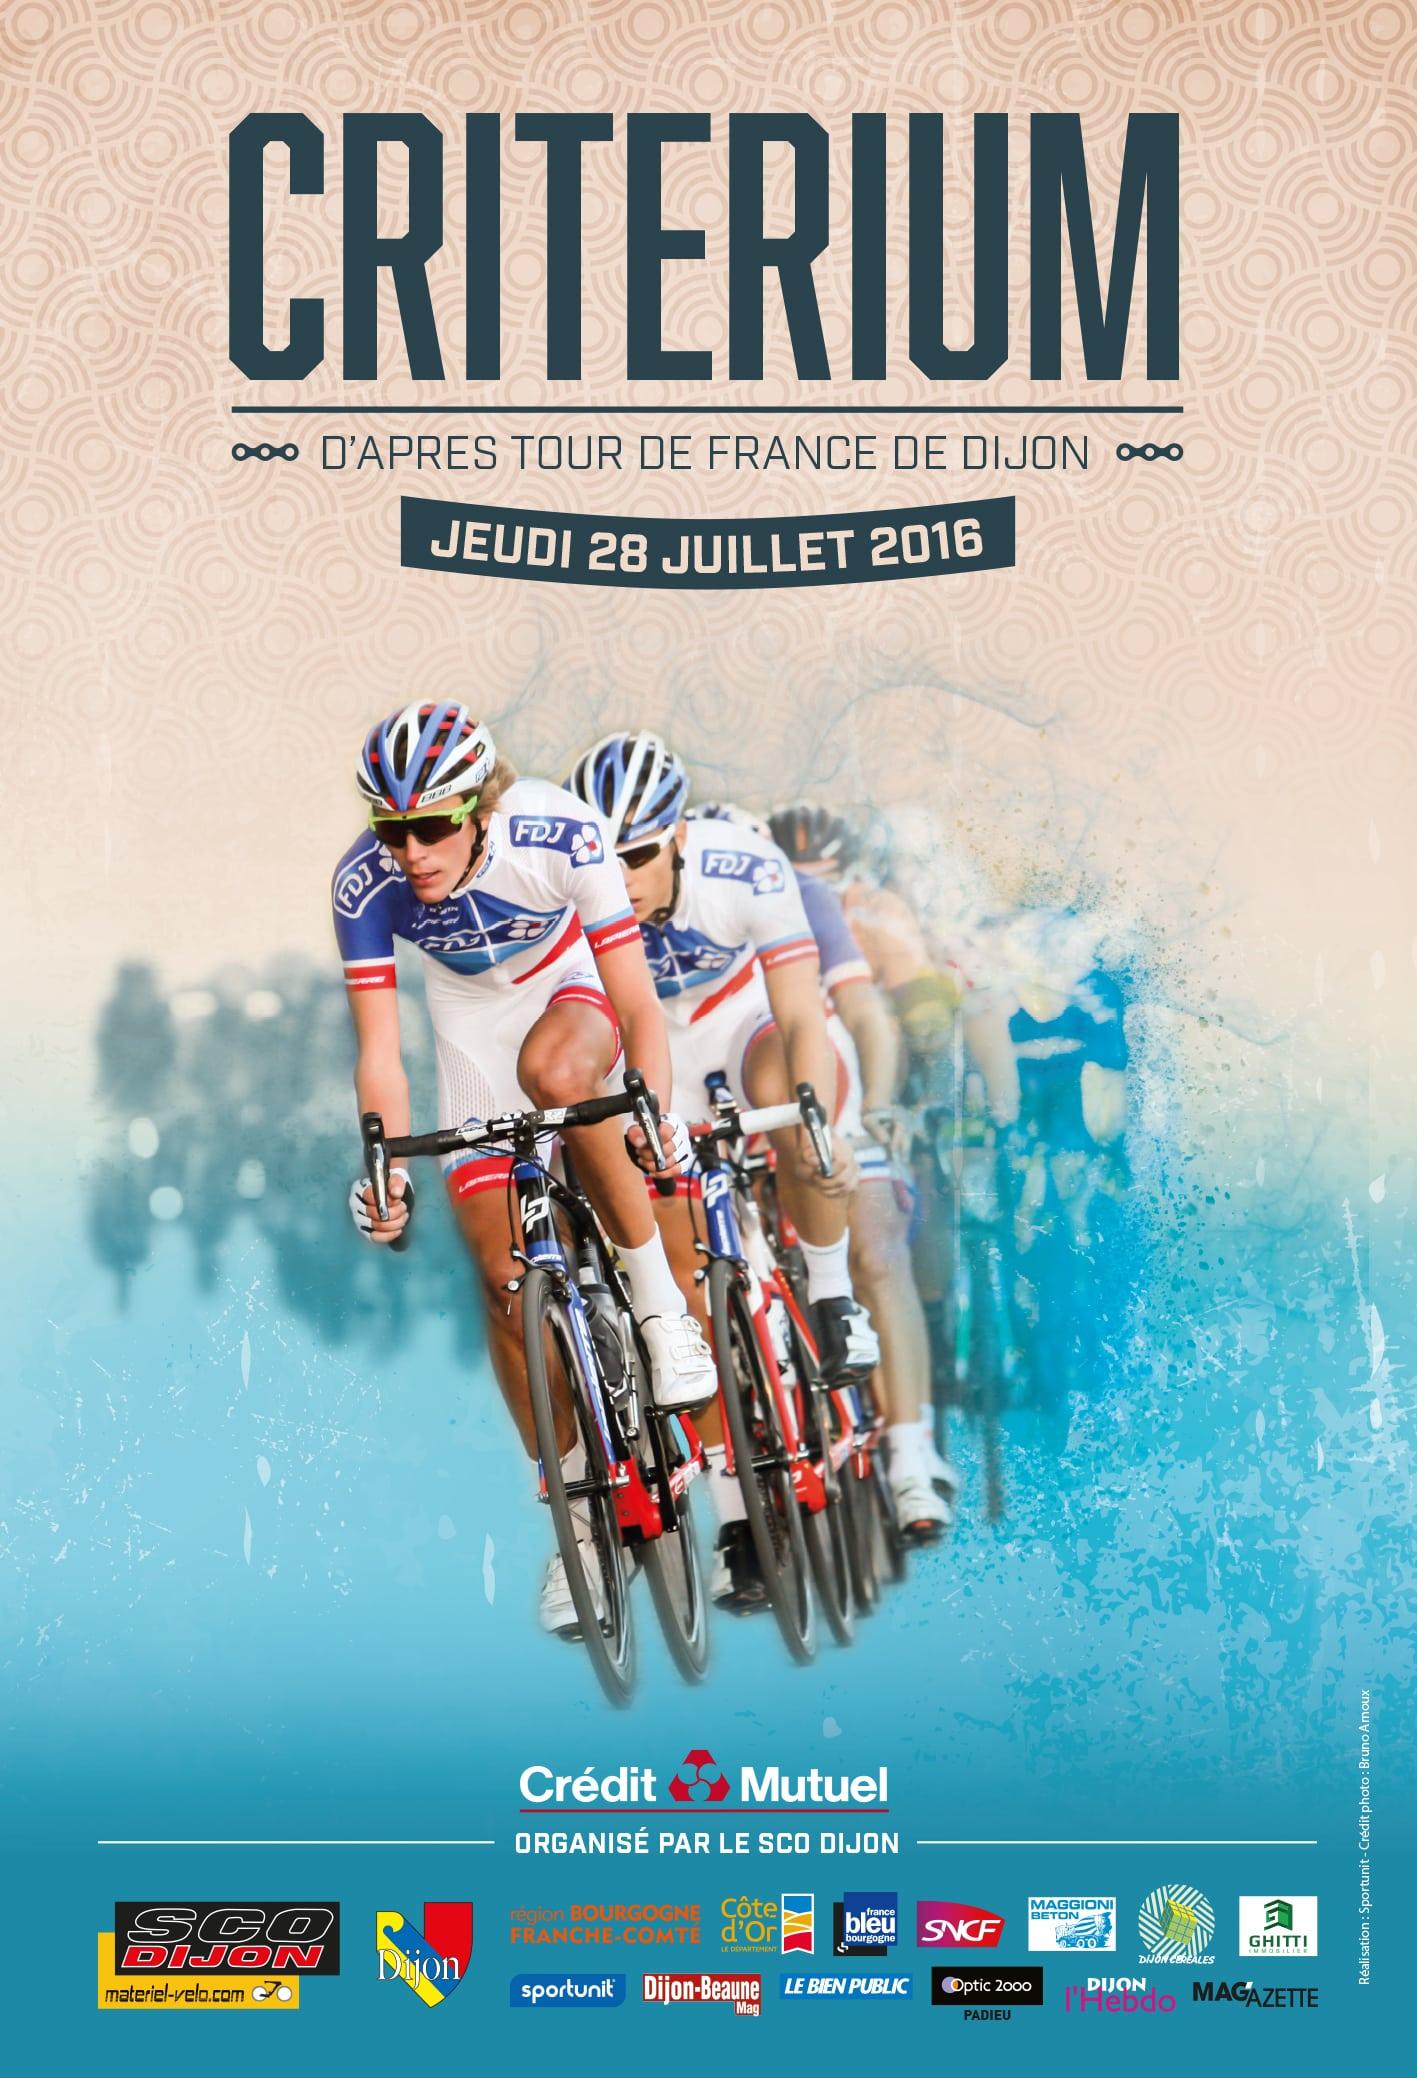 Critérium d'après Tour à Dijon: ce soir, c'est la fête au vélo